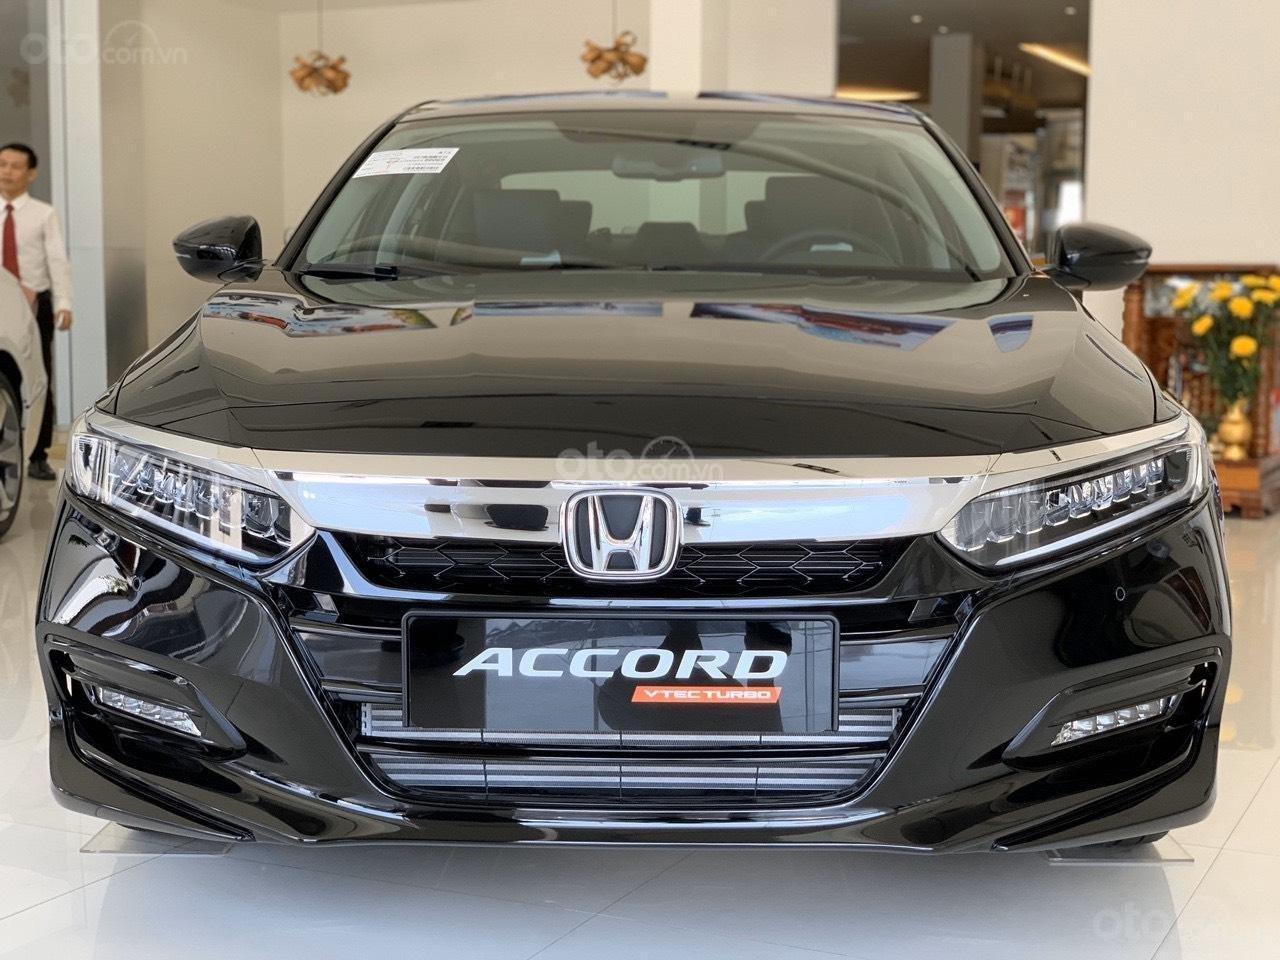 Honda Accord giảm ngay 120tr tiền mặt - ưu đãi và quà tặng hấp dẫn - hỗ trợ trả góp lãi suất ưu đãi (1)